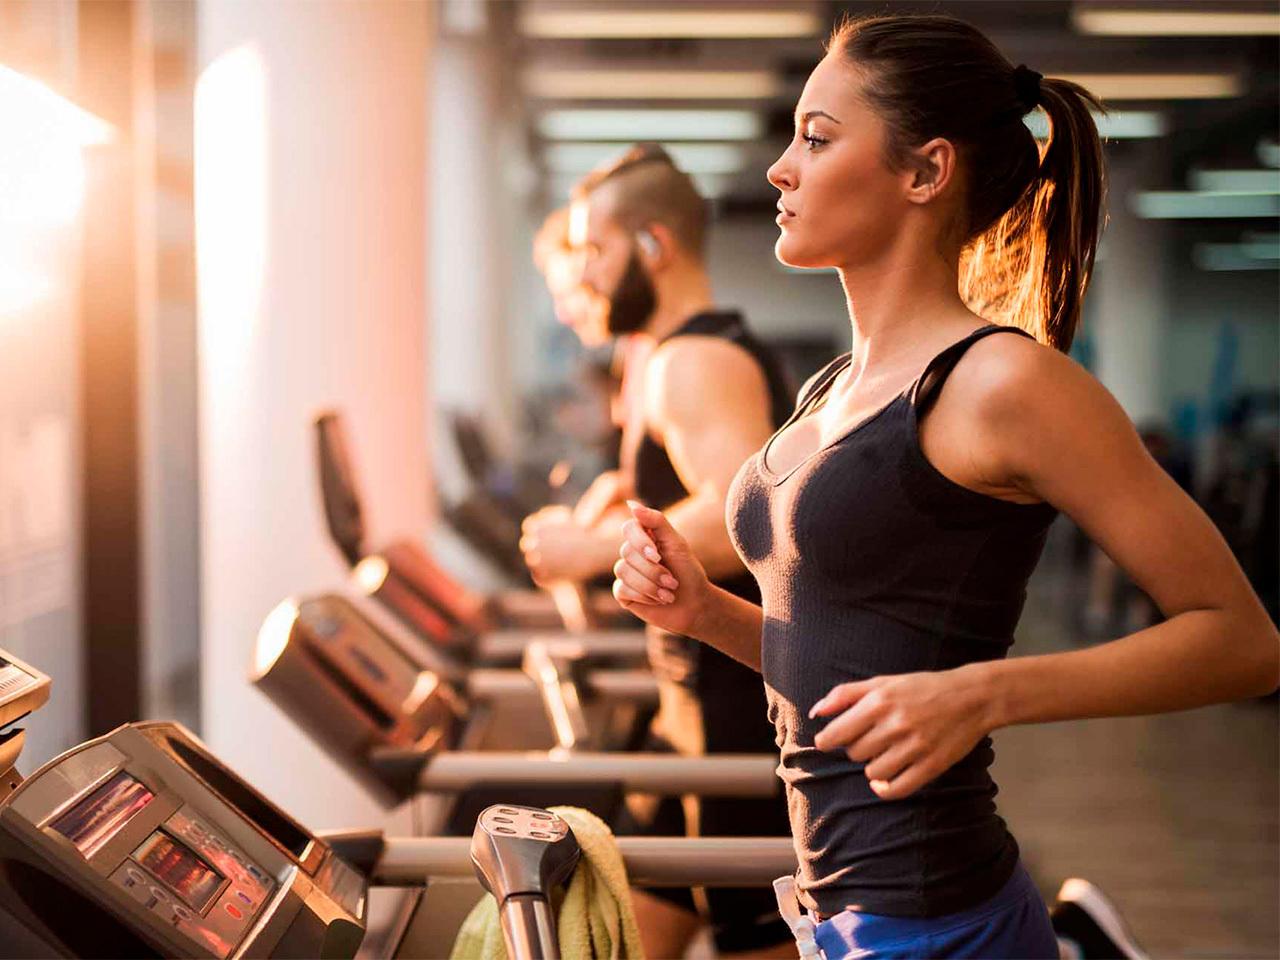 Врач рассказала, какие упражнения наиболее эффективны для похудения